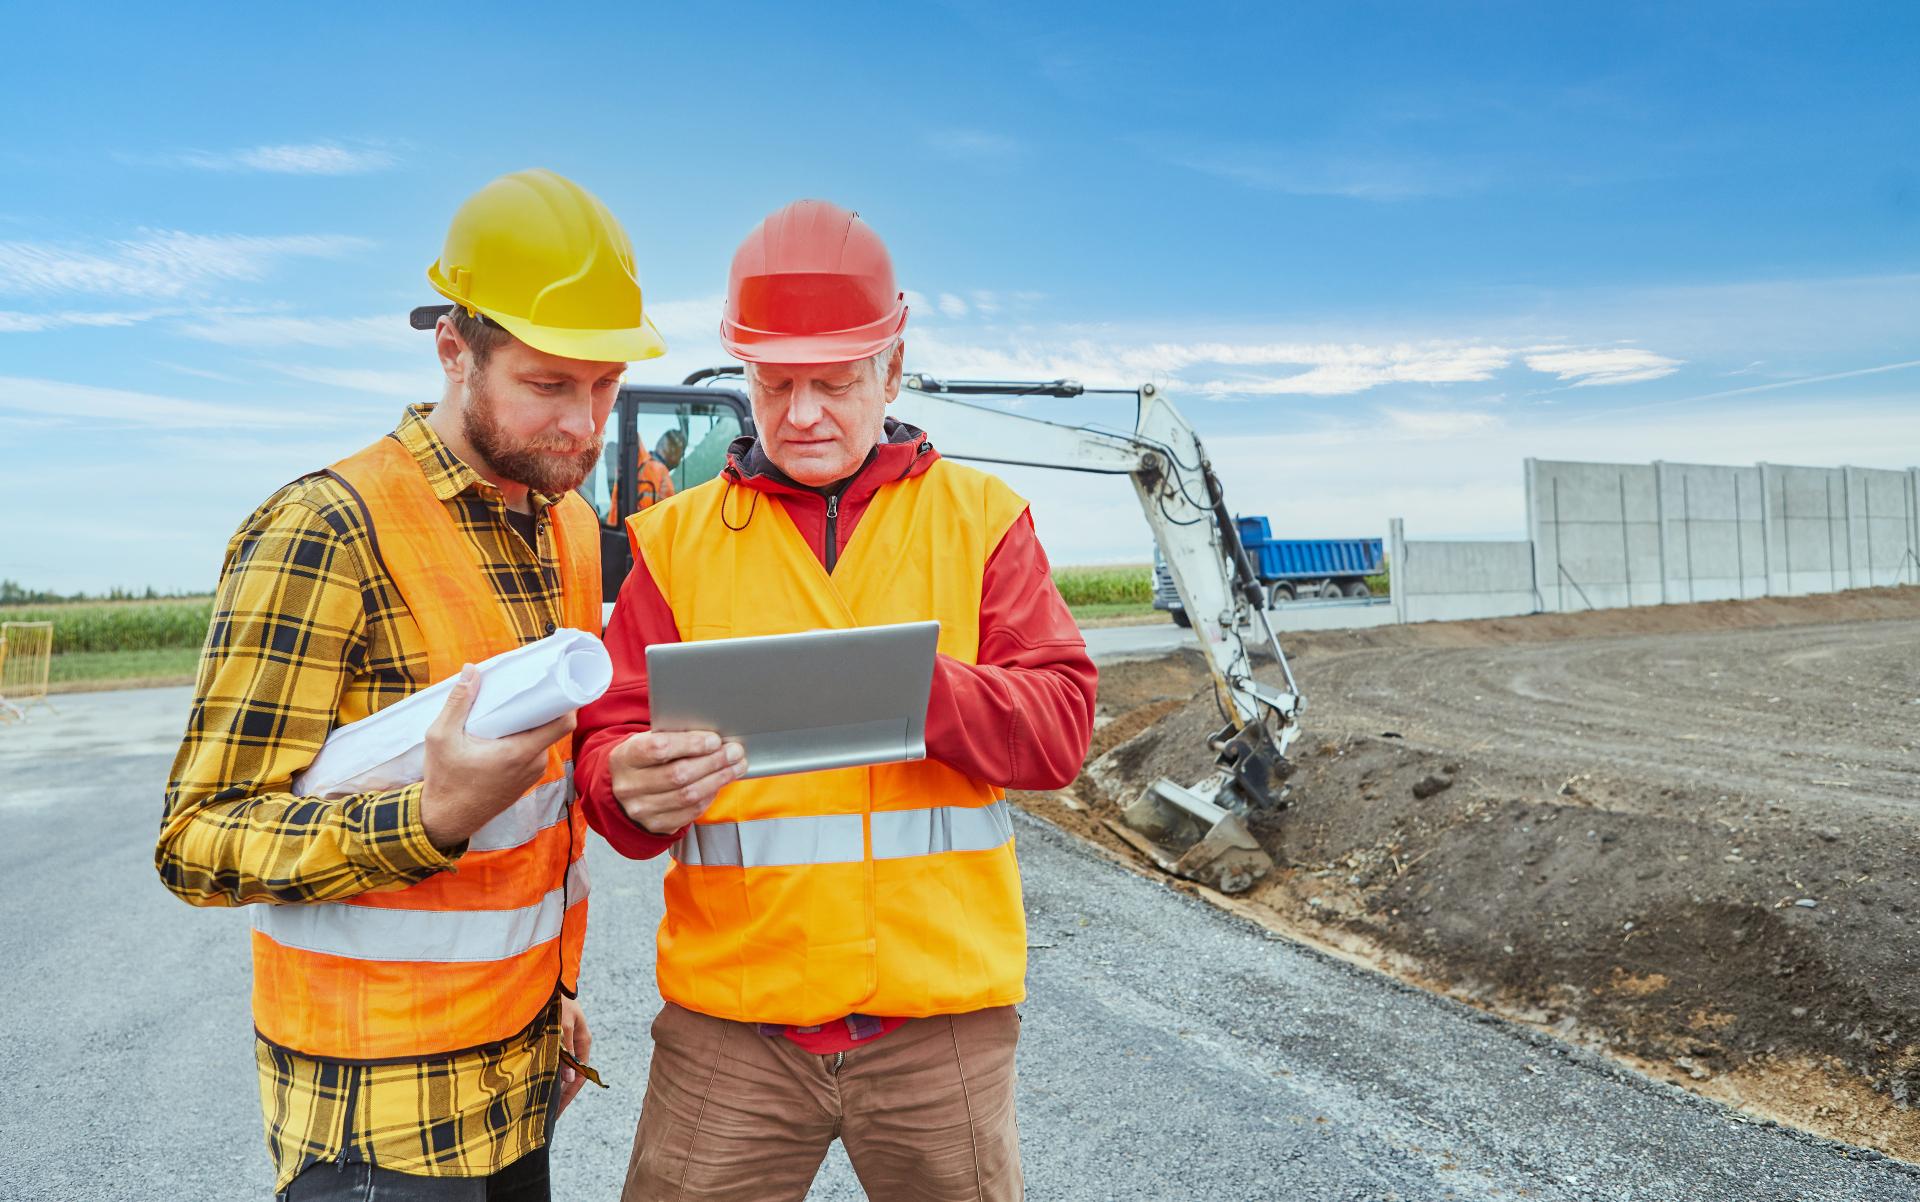 Современные HR-сервисы могут выполнять для компаний функции консультанта